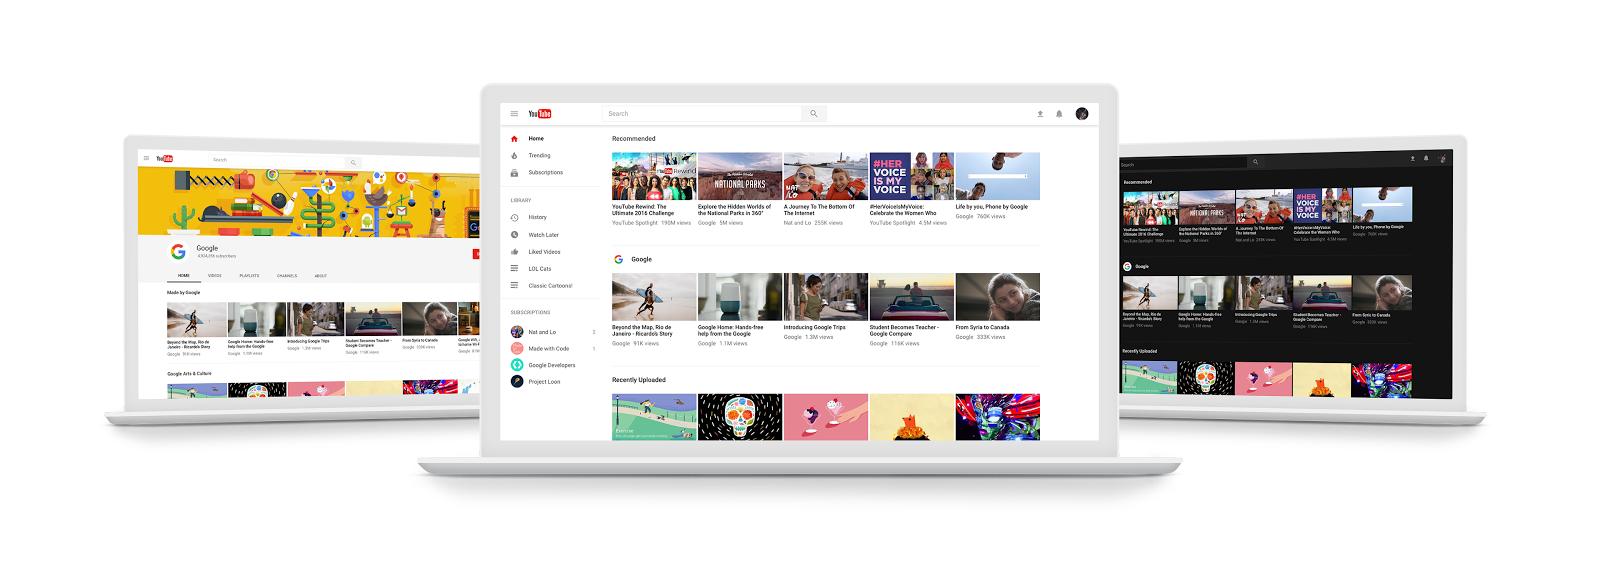 Google tutvustab YouTube'ile visuaalseid uudiseid, Instagram aga foto- ja videogaleriide täiustusi